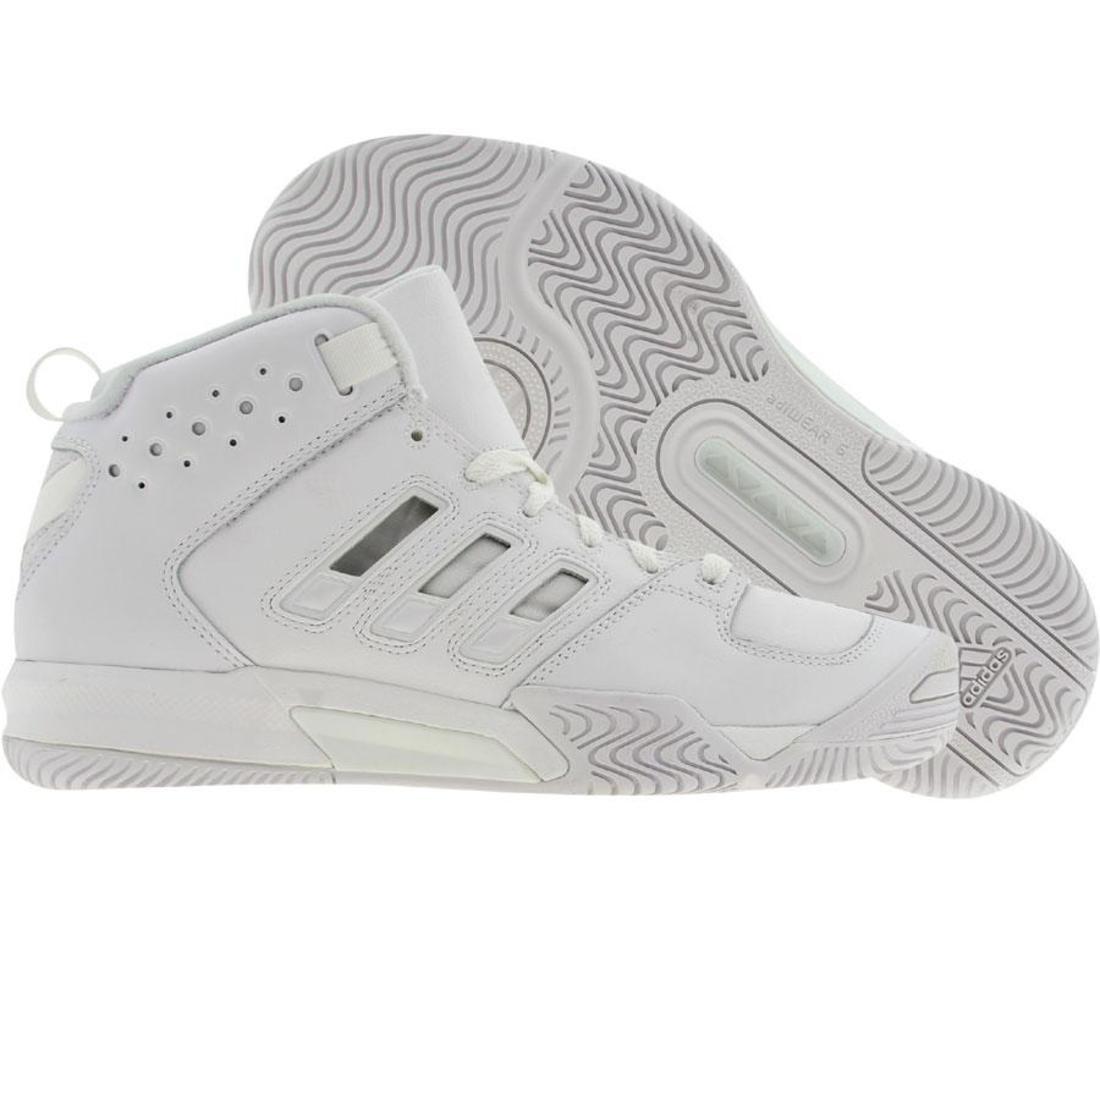 【海外限定】アディダス ストリートボール 靴 スニーカー 【 ADIDAS STREETBALL 08 RUN WHITE 】